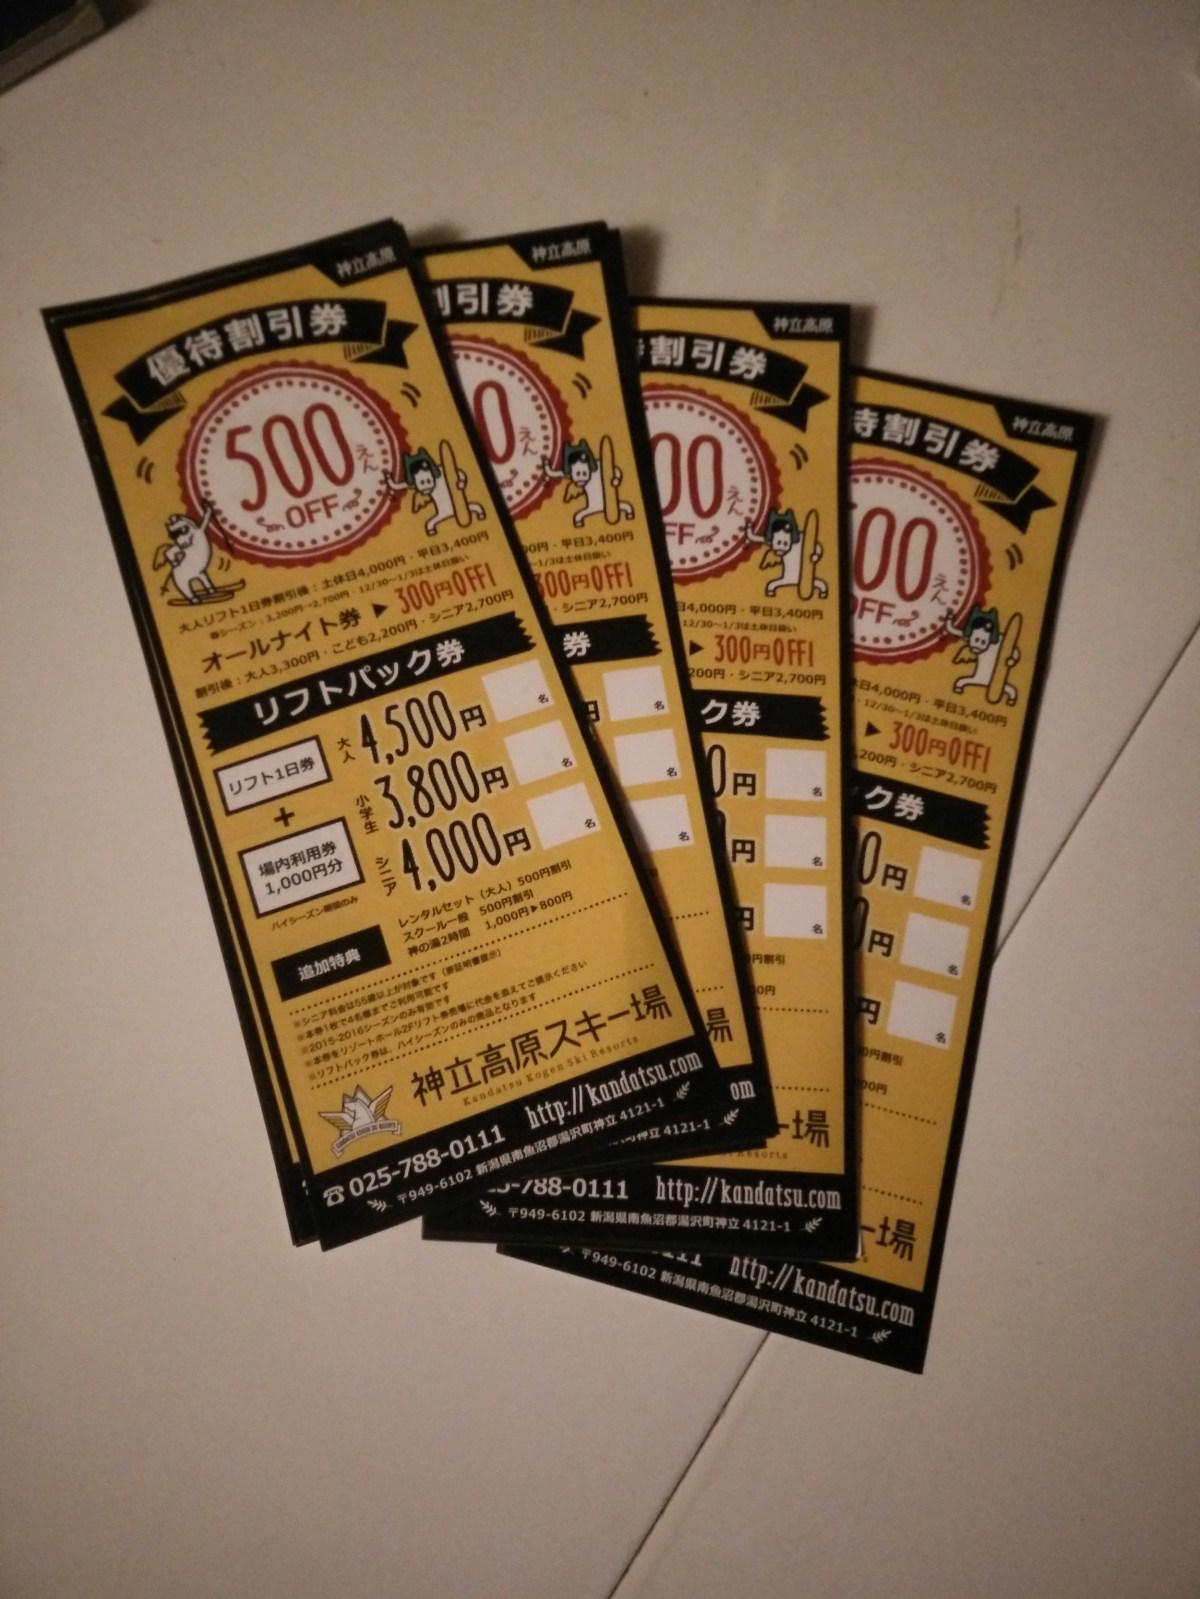 Kandatsu Kogen discount tickets